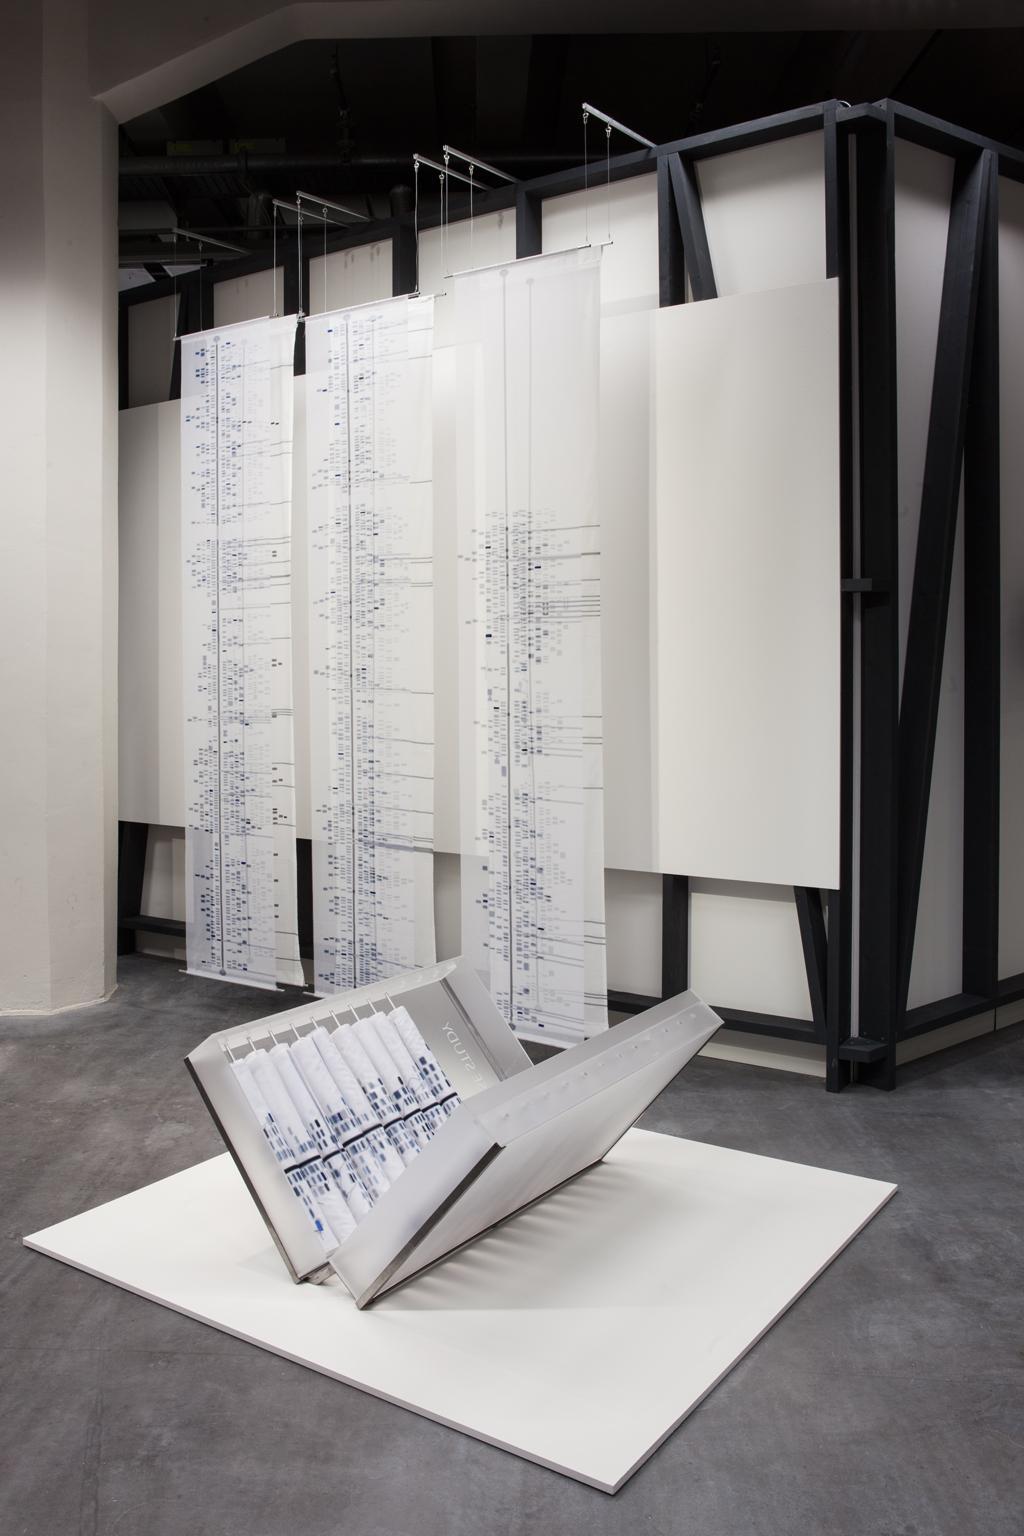 Auf einer weißen Bodenplatte steht ein kofferartiger Behälter mit Textilrollen. Im Hintergrund hängen drei Textilbanner mit darauf abgebildeten Infografiken.